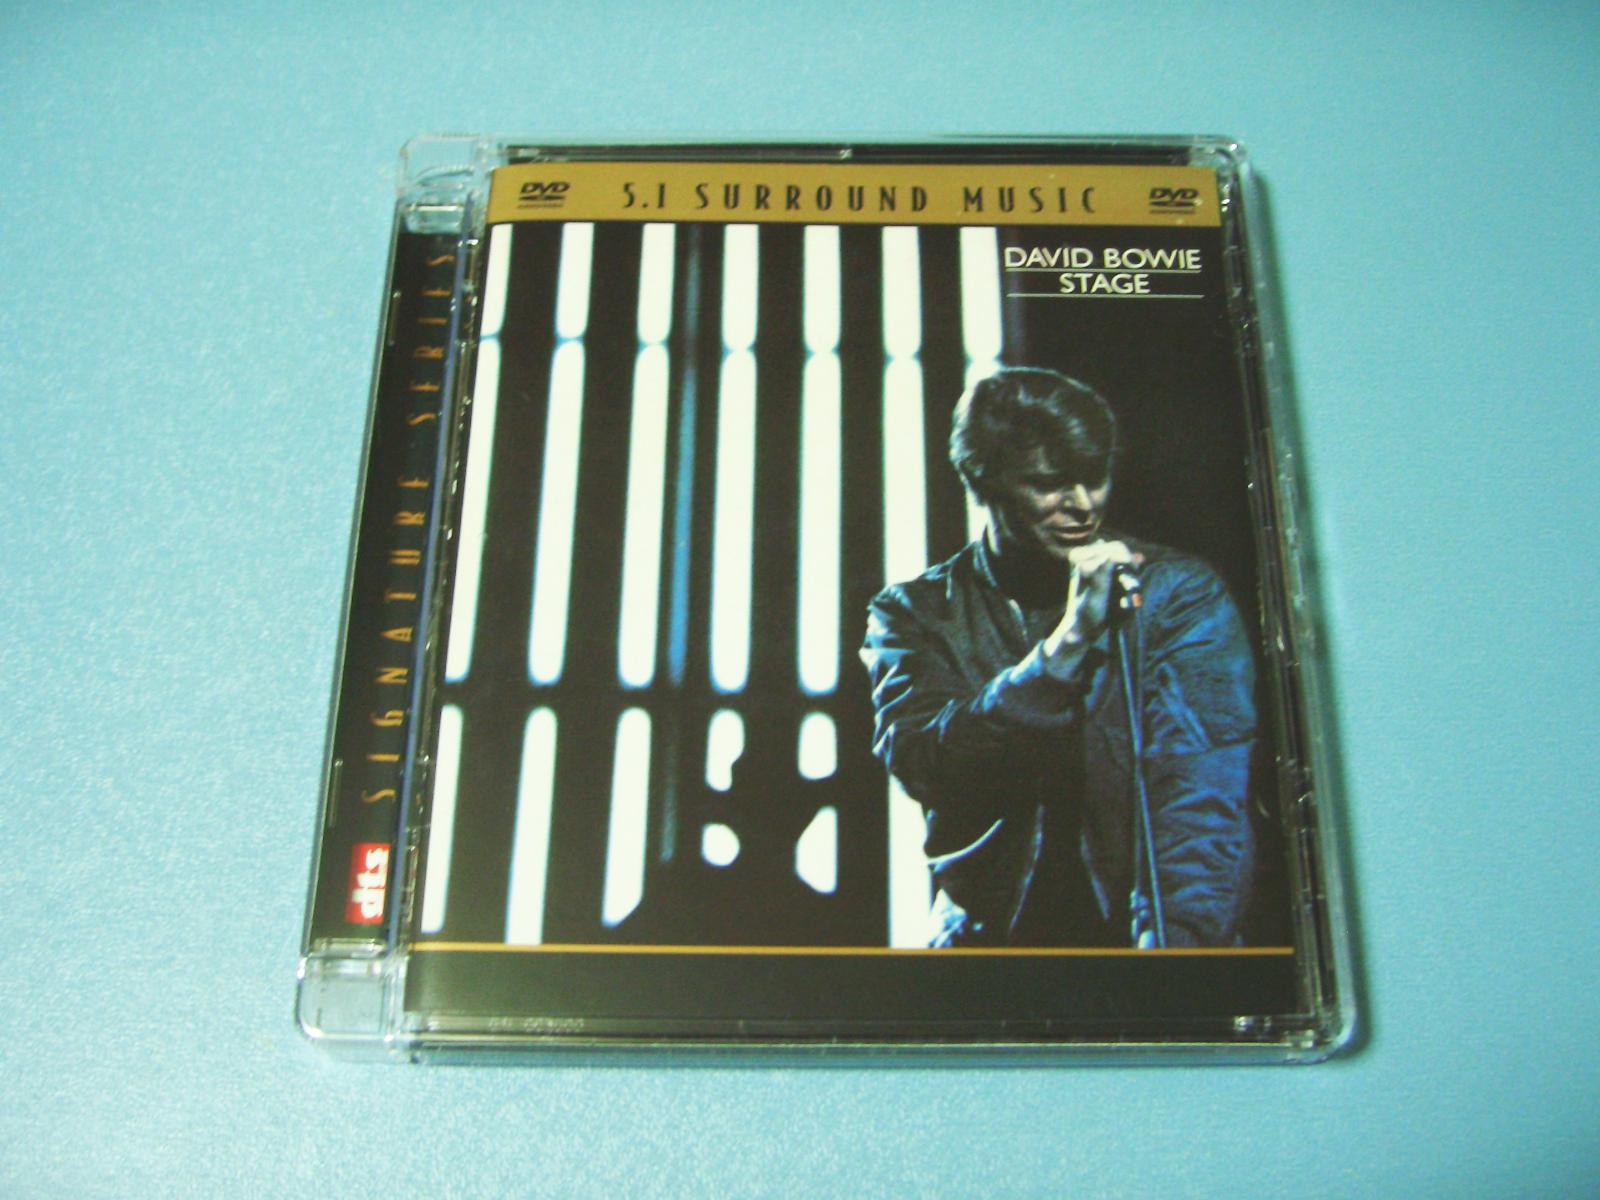 David Bowie / Stage (DVD-AUDIO)_c0062649_22141679.jpg